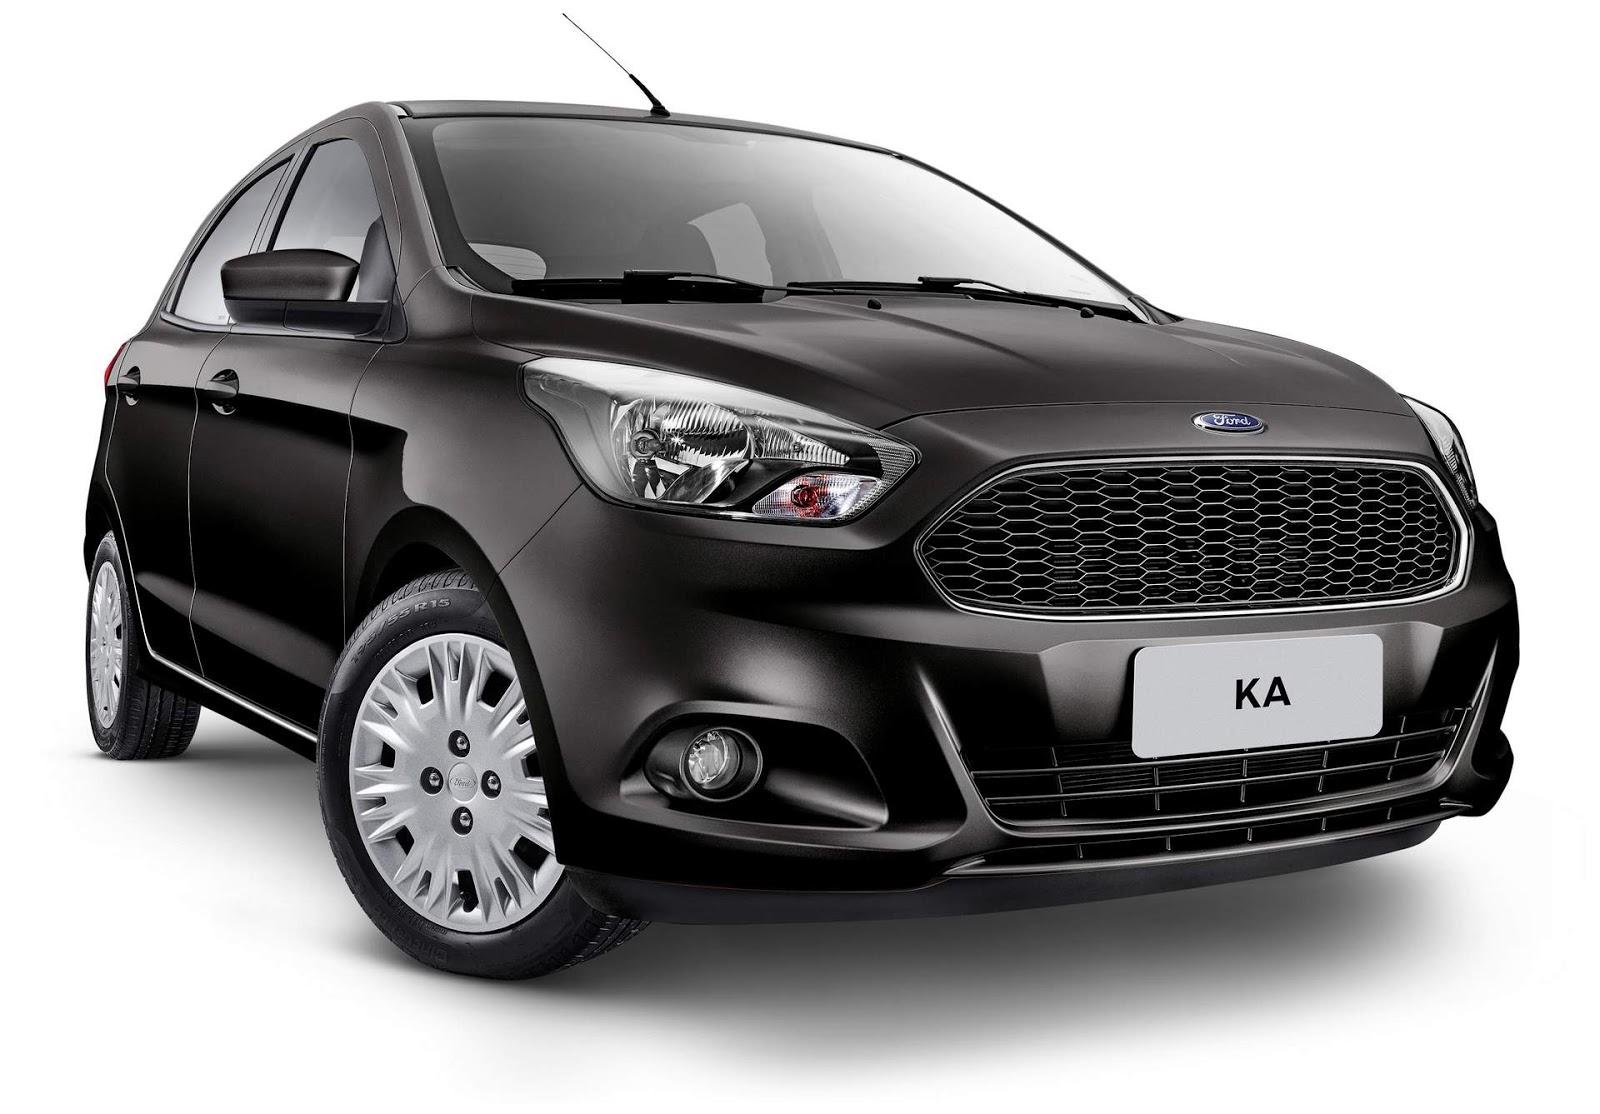 simular o financiamento do Ford Ka